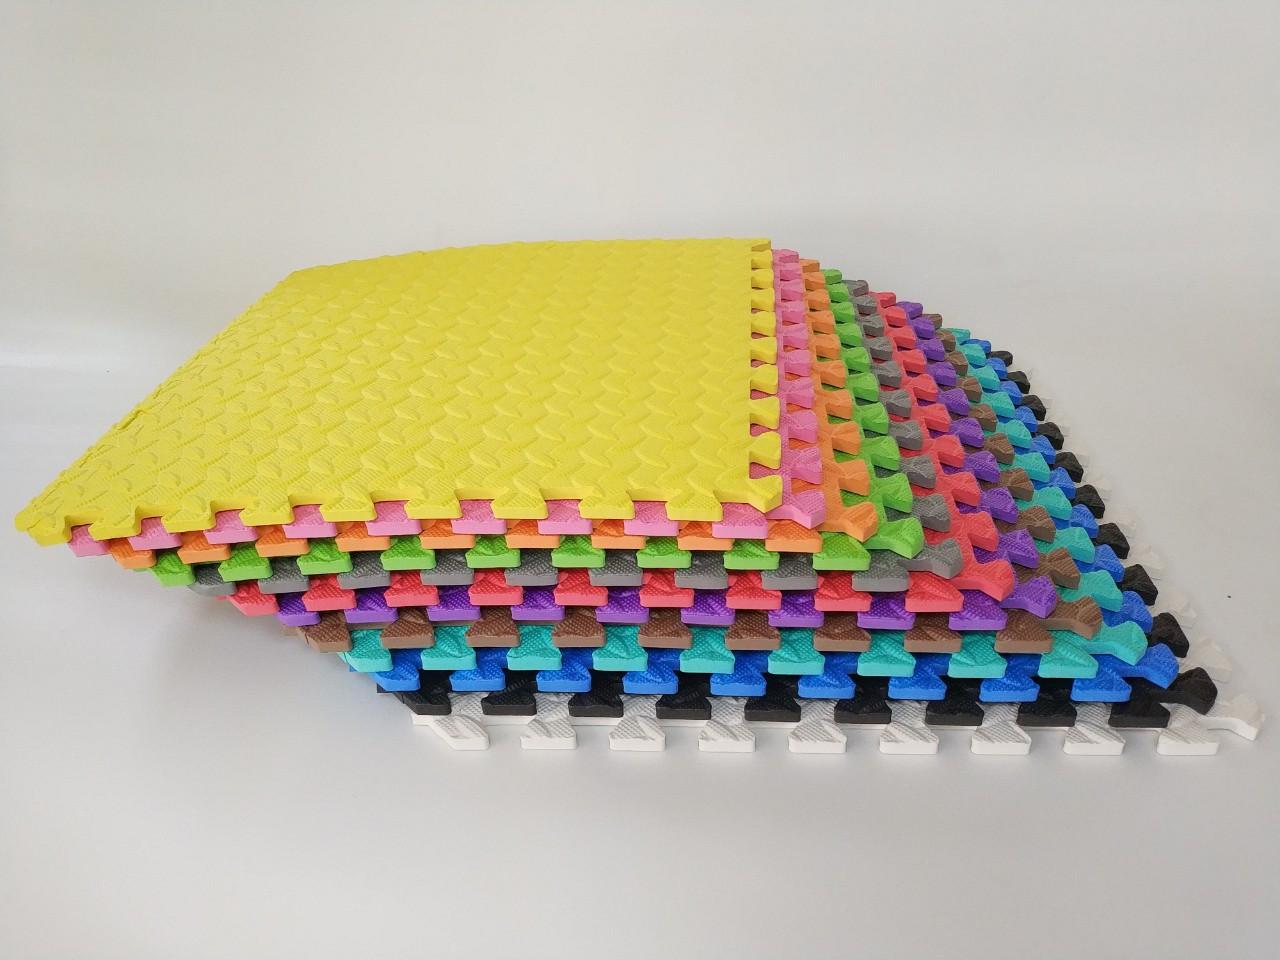 Татами (коврик-пазл) односторонний EVA 50х50 см толщина 10 мм